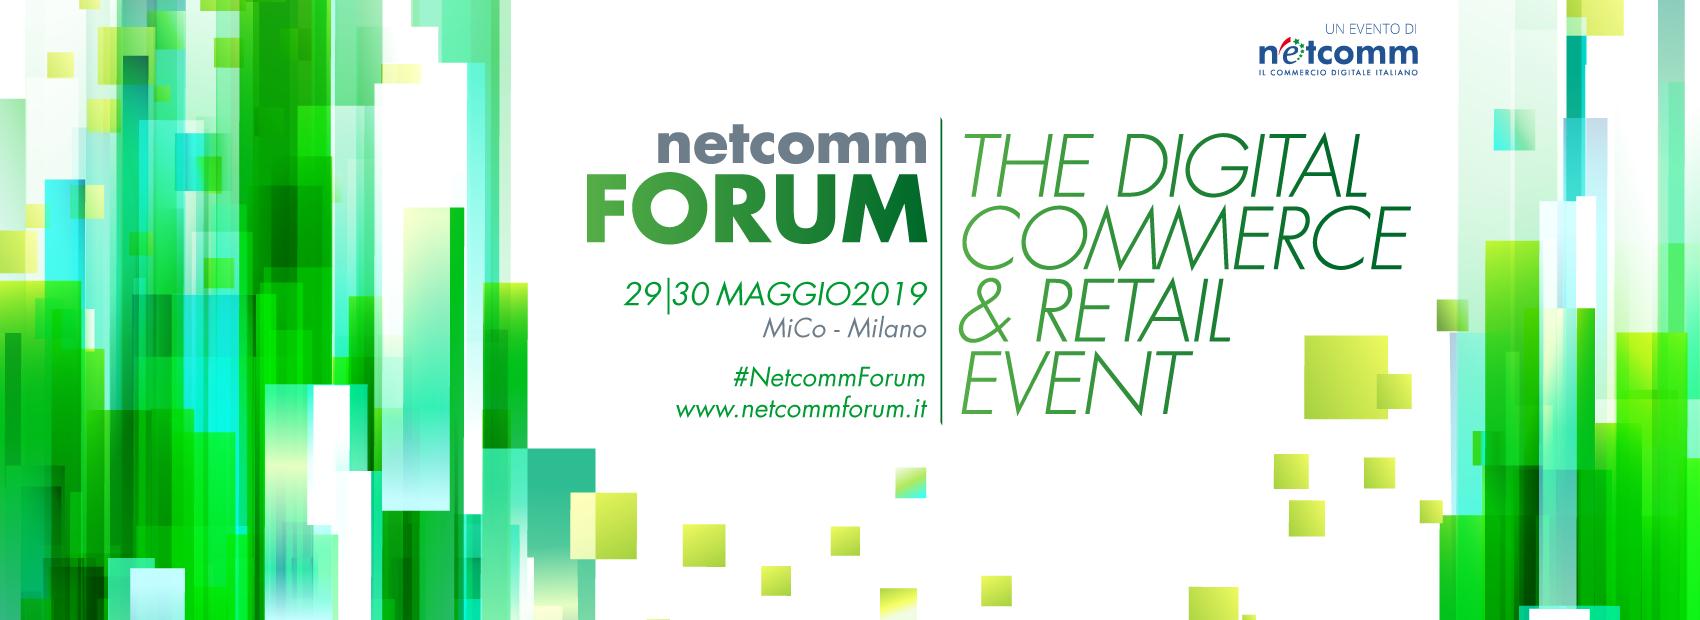 Netcomm Forum 2019 per eCommerce